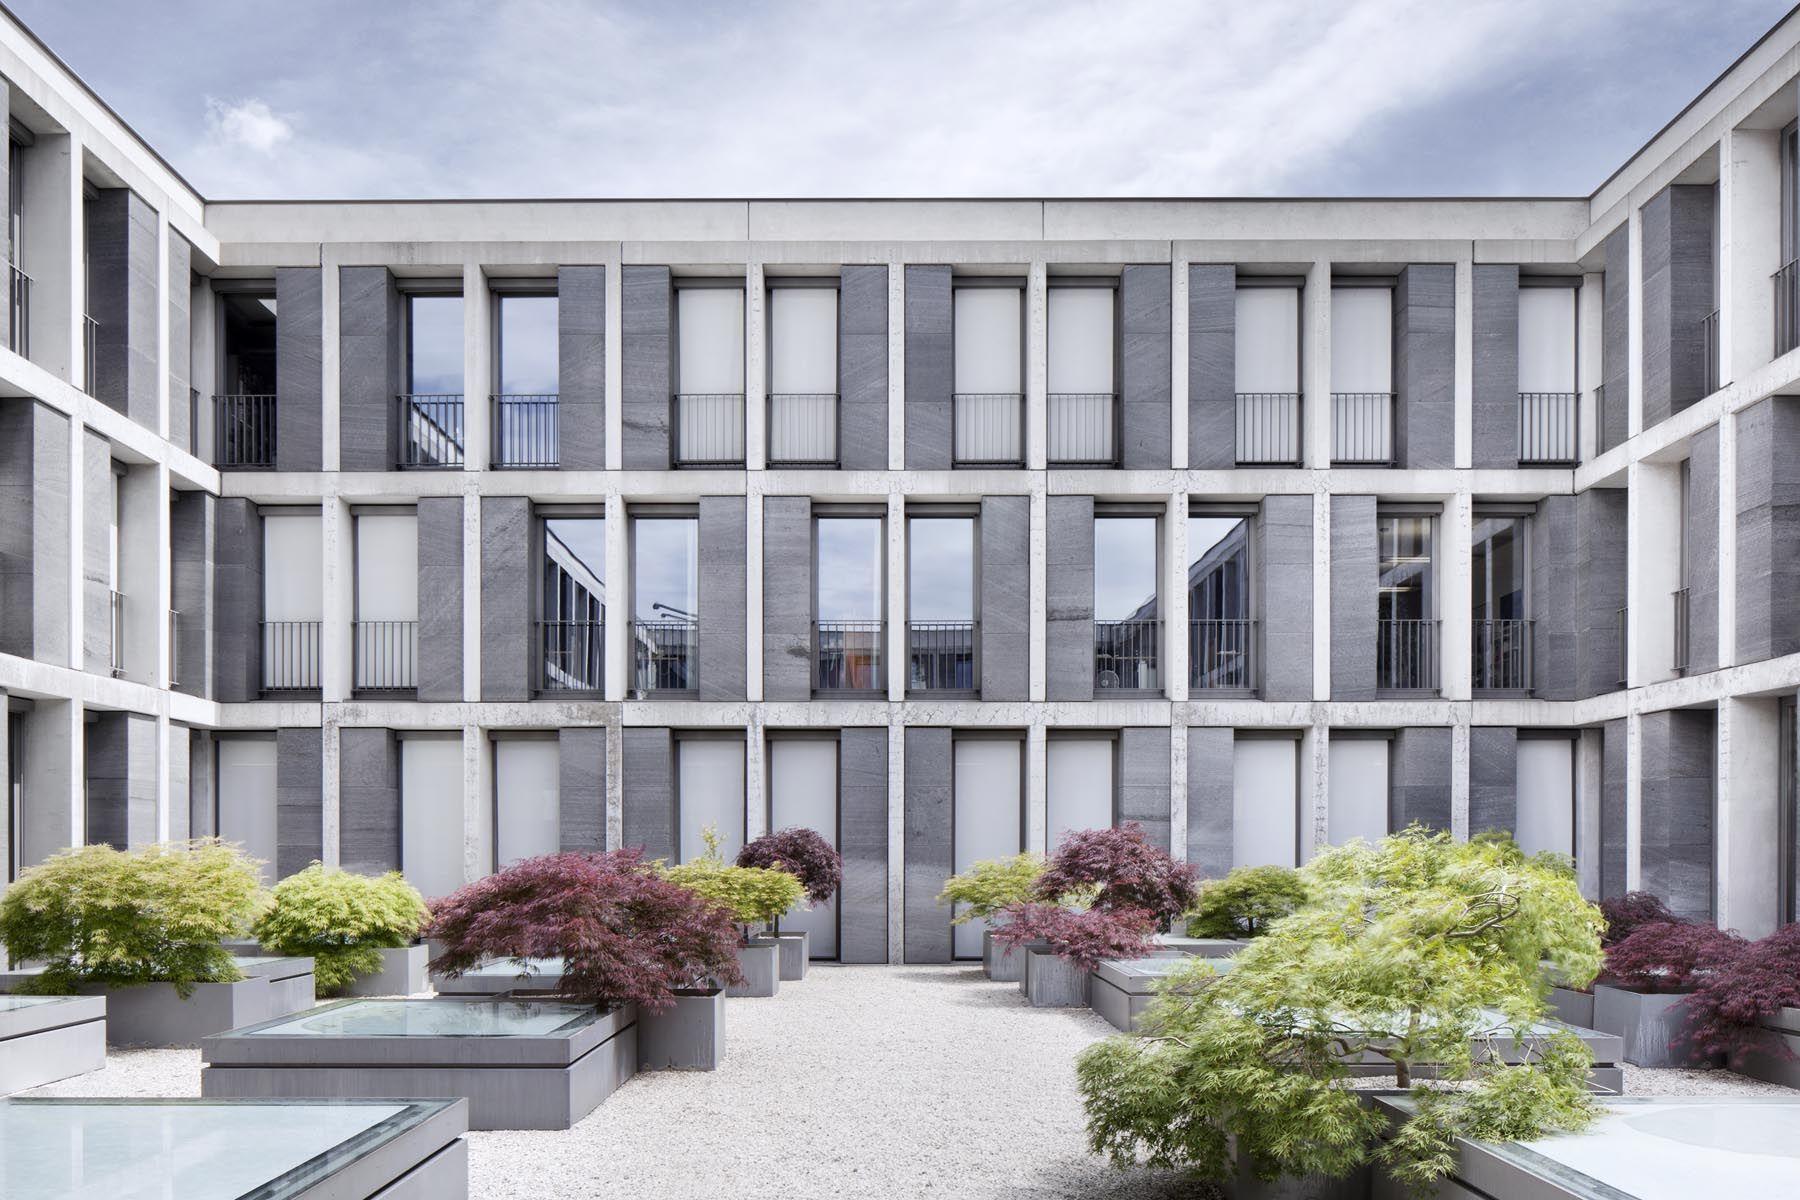 Architektur Erfurt bundesarbeitsgericht in erfurt architekturfotografie slc